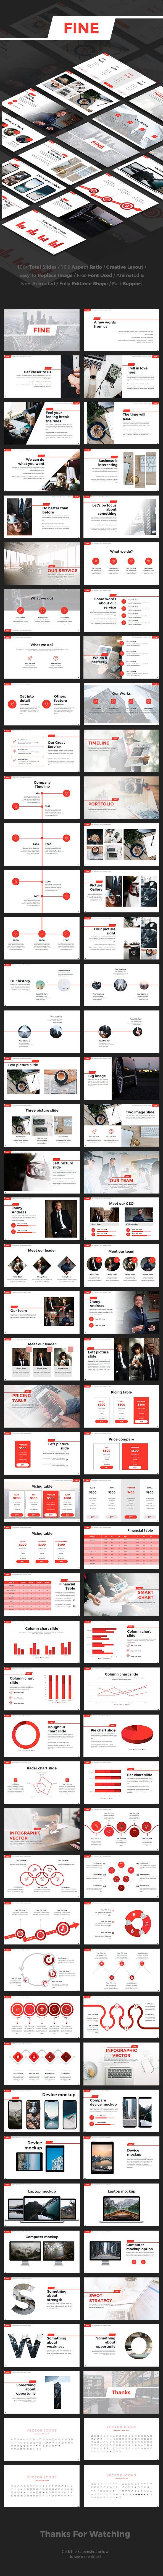 159 best Google Slide Template images on Pinterest | Keynote ...